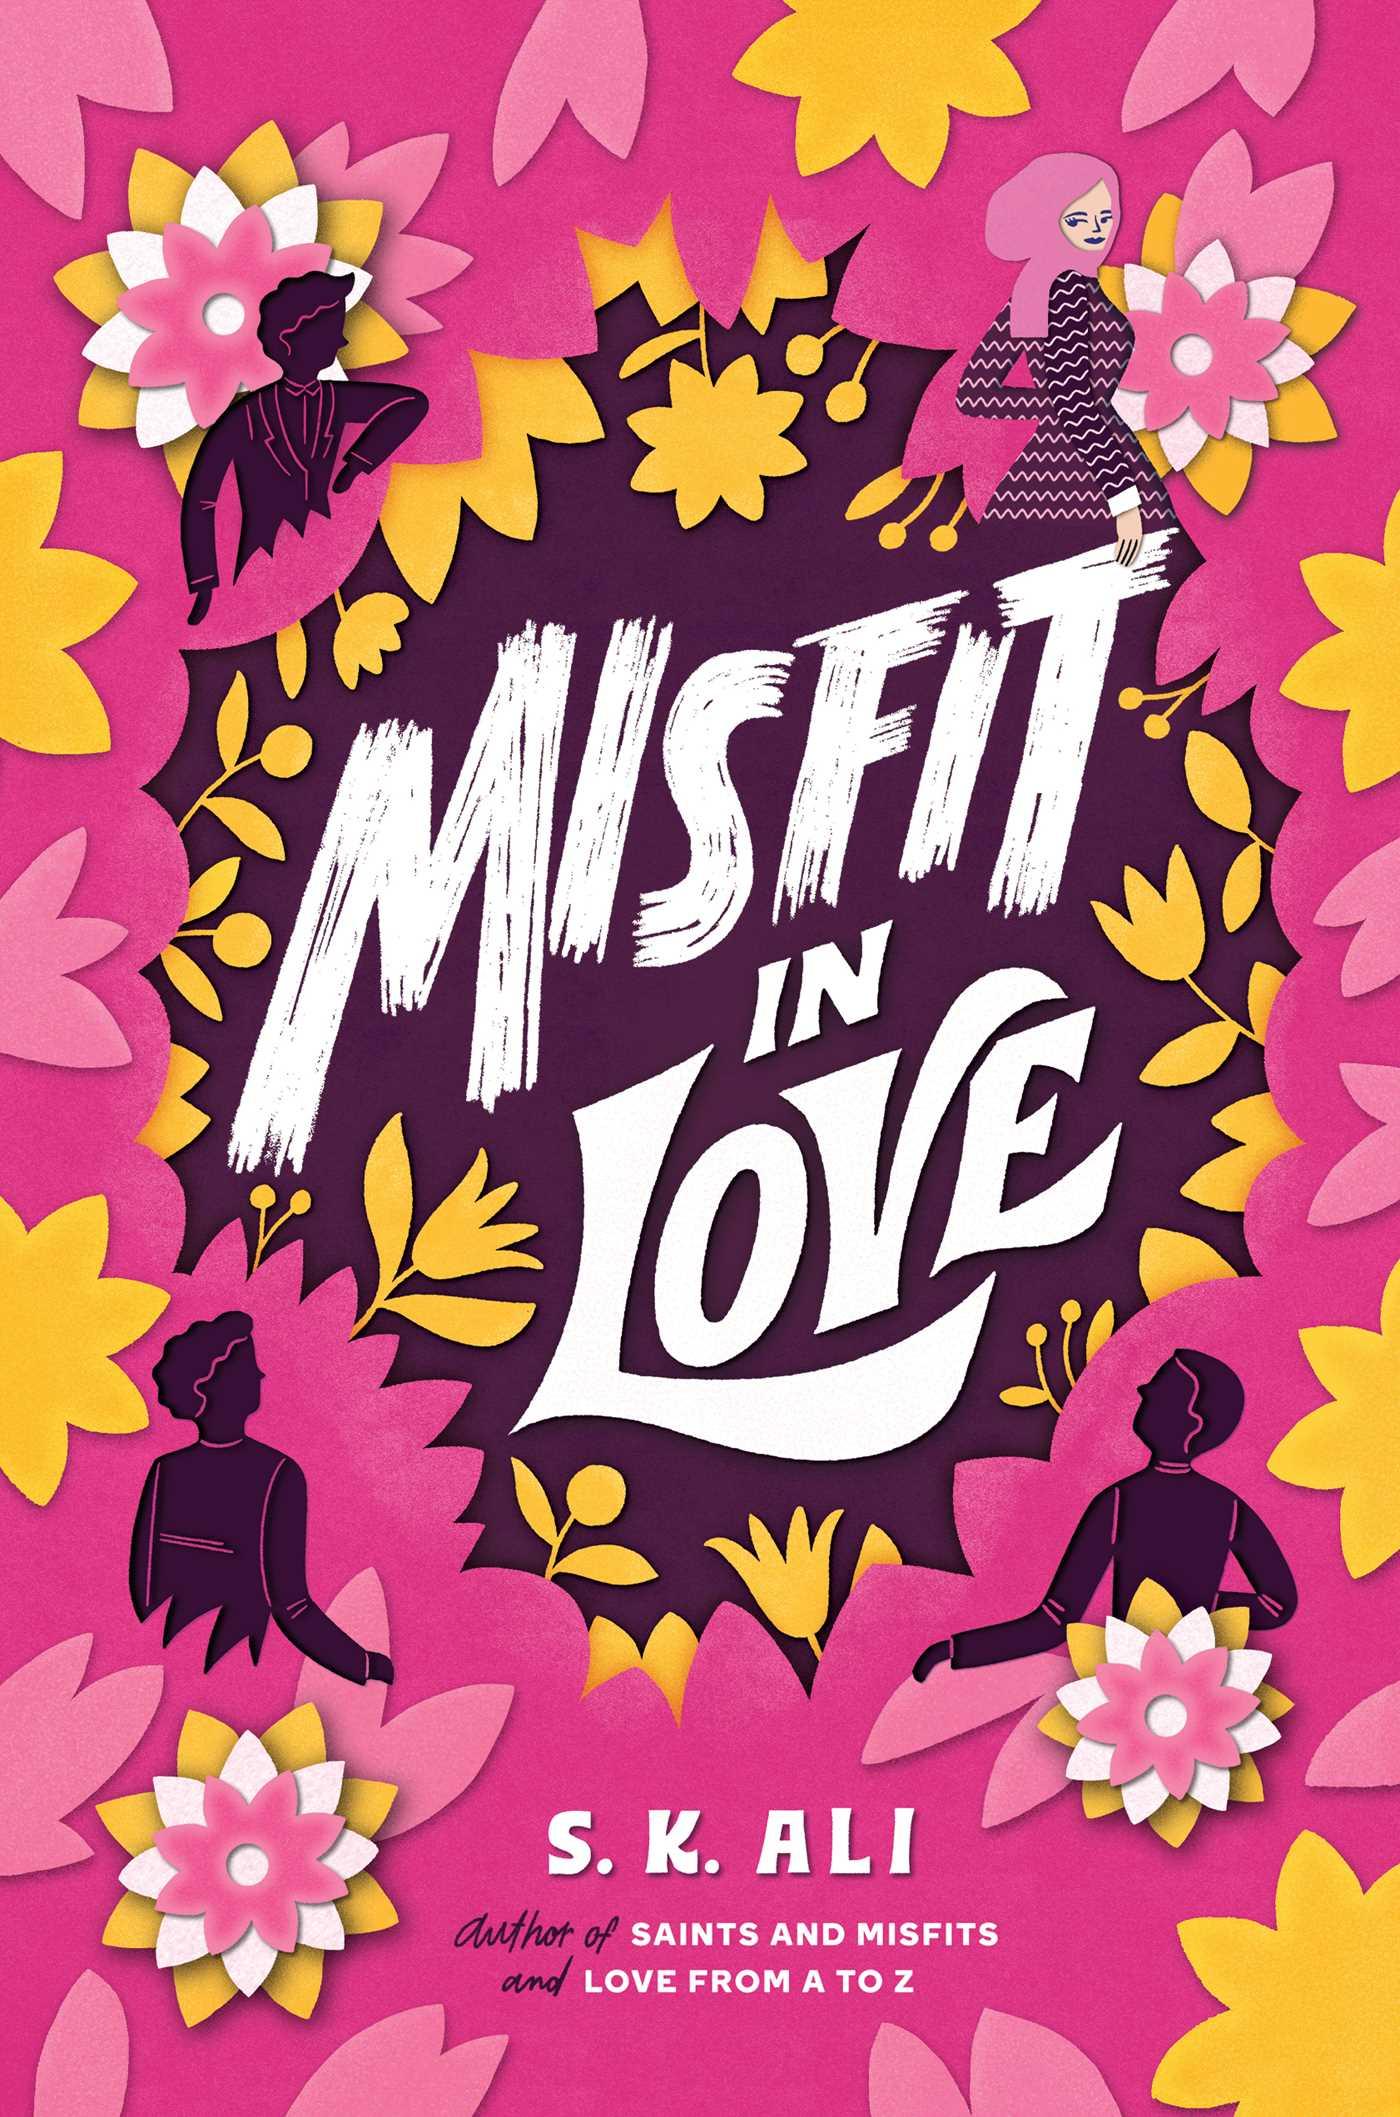 Misfit in Love by S.K. Ali